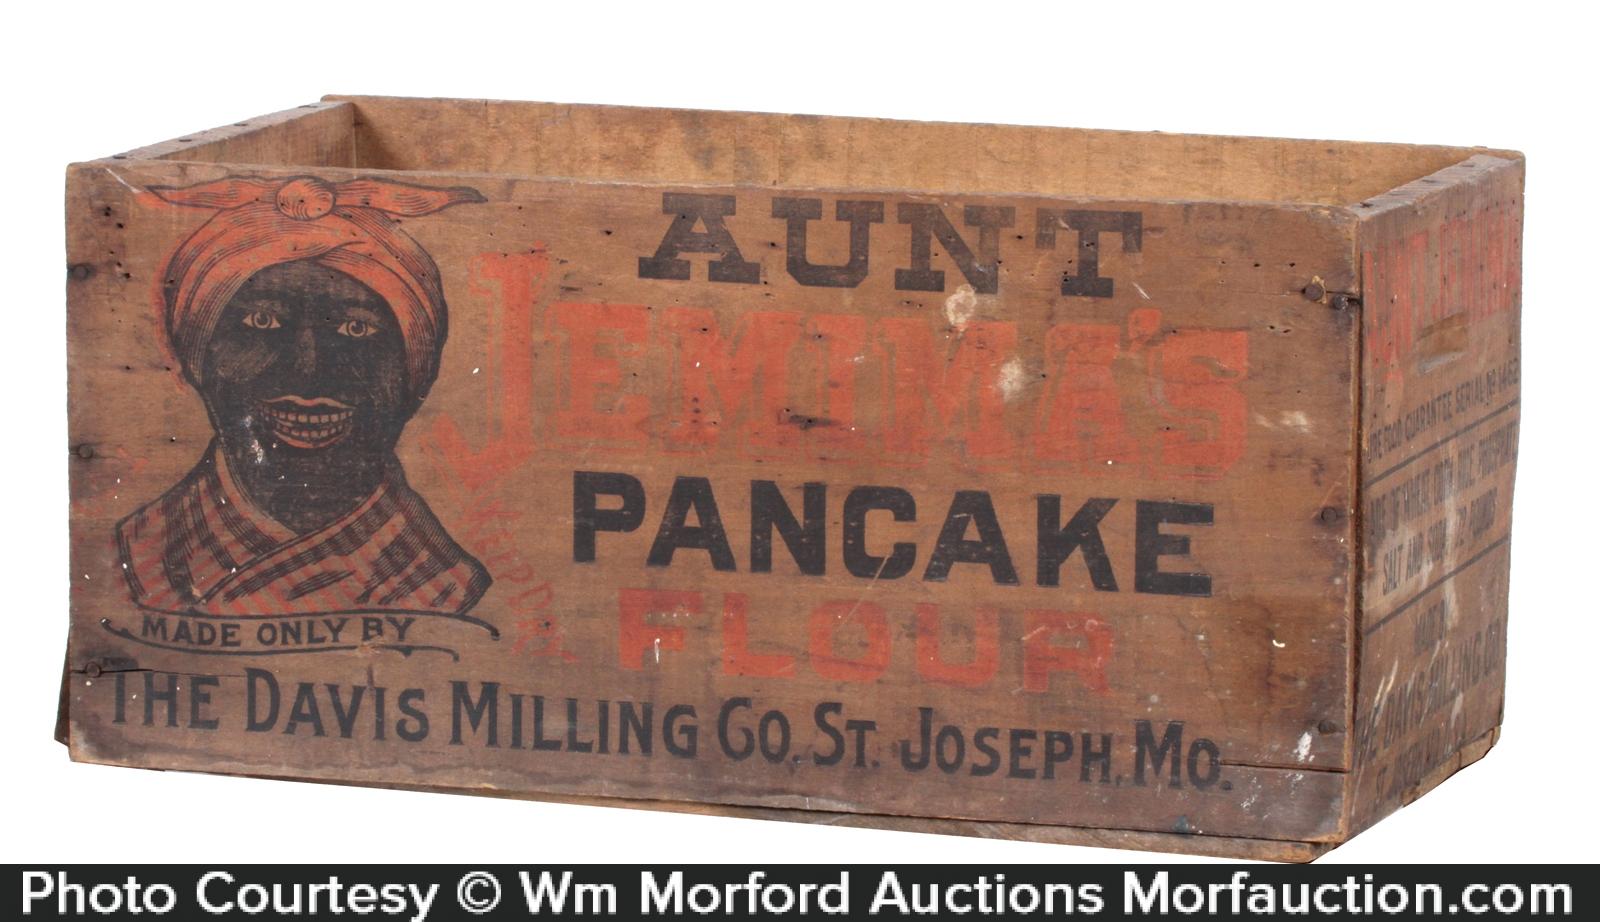 Aunt JemimaÕs Pancake Crate